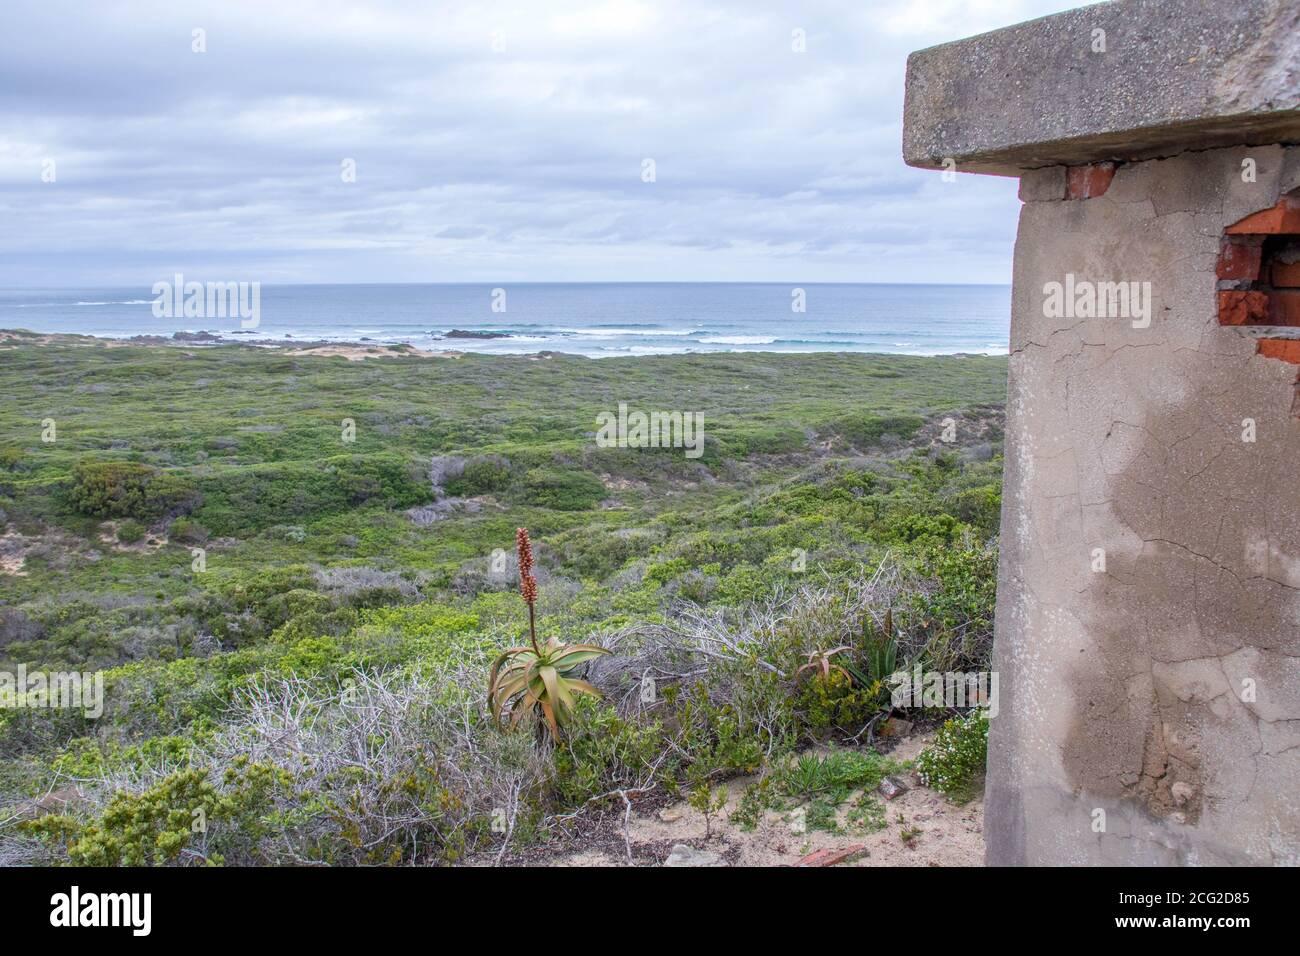 Stations radar et radio-navigation Mur de l/'Atlantique de la Belgique à Fecamp